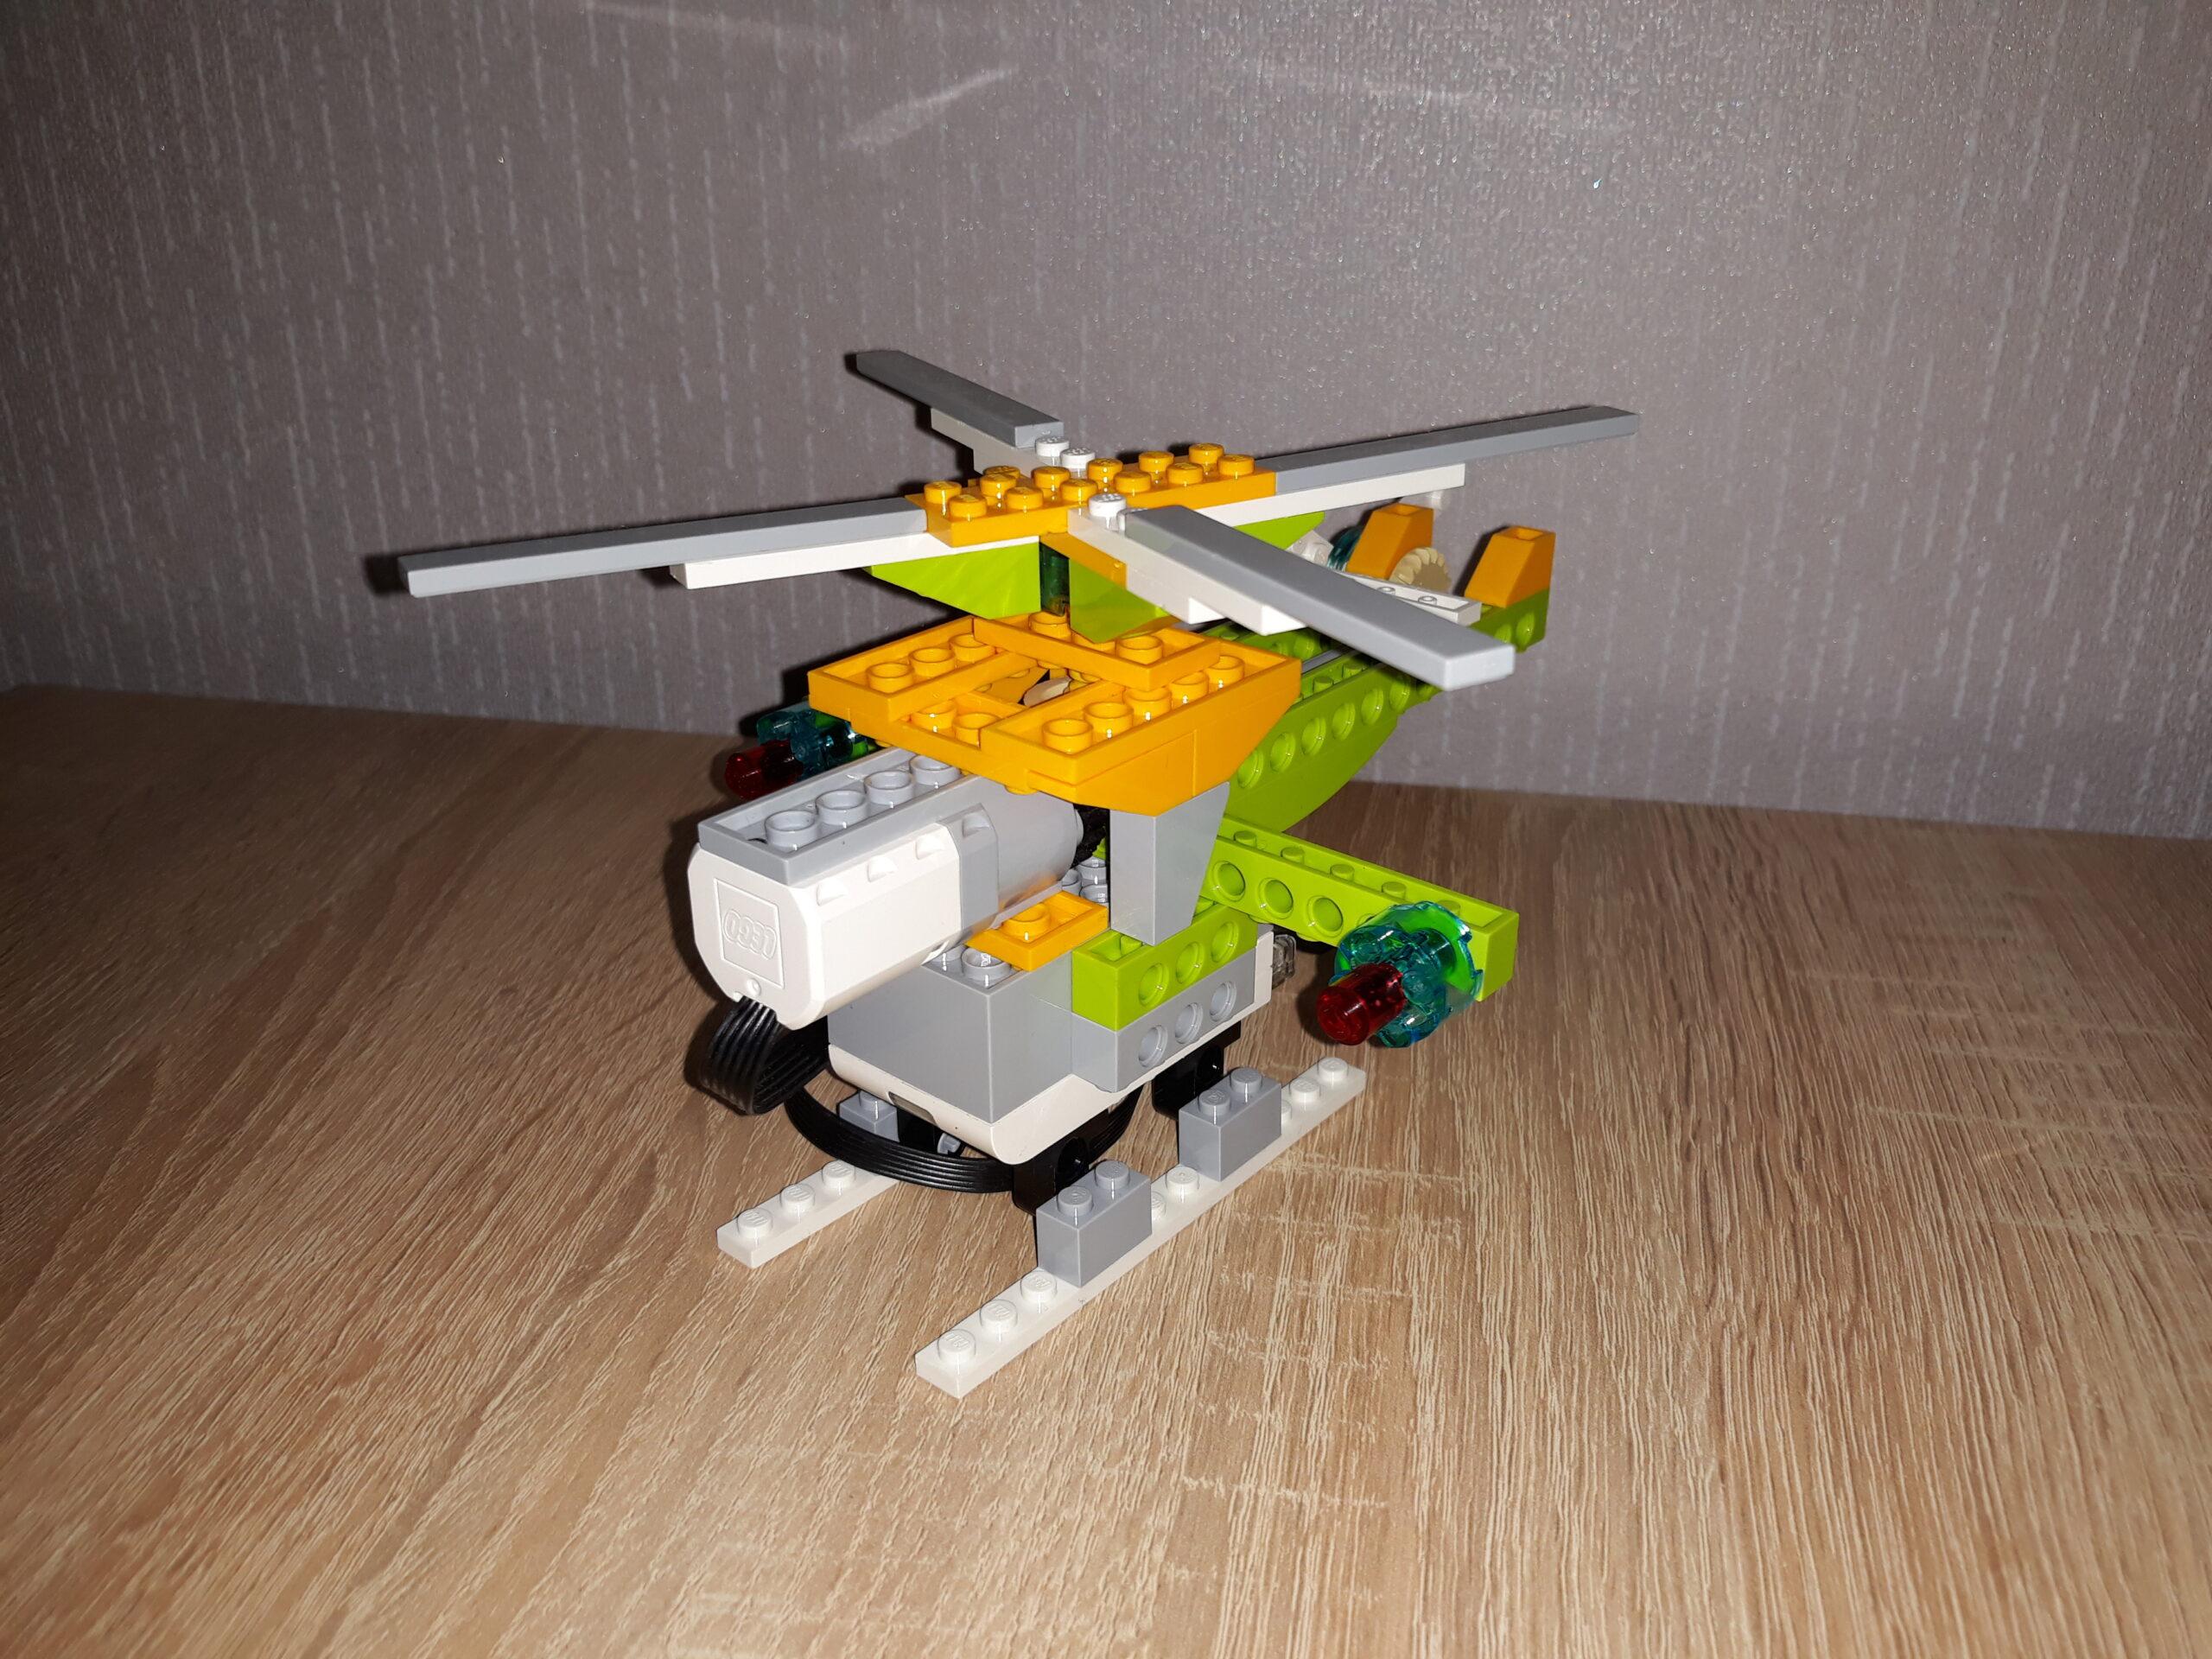 Перед инструкция по сборке из набора LEGO Education WeDo 2.0 Вертолетик